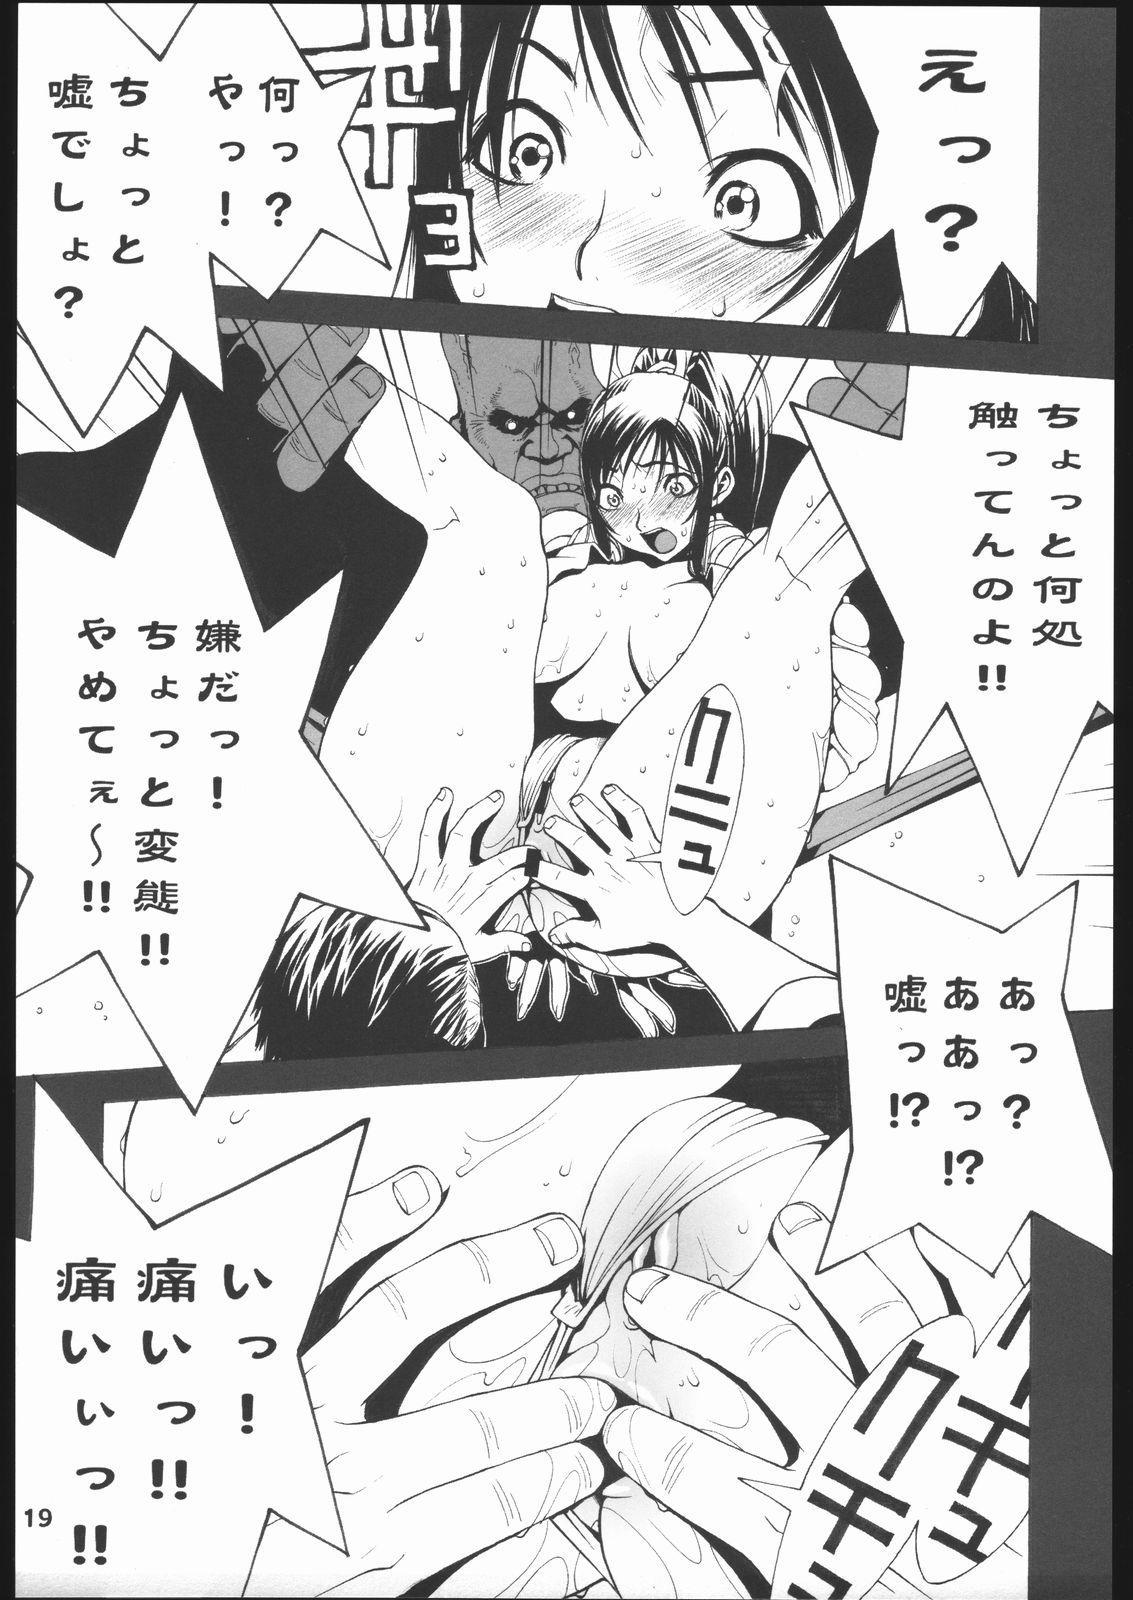 Shiranui Futatsu 19